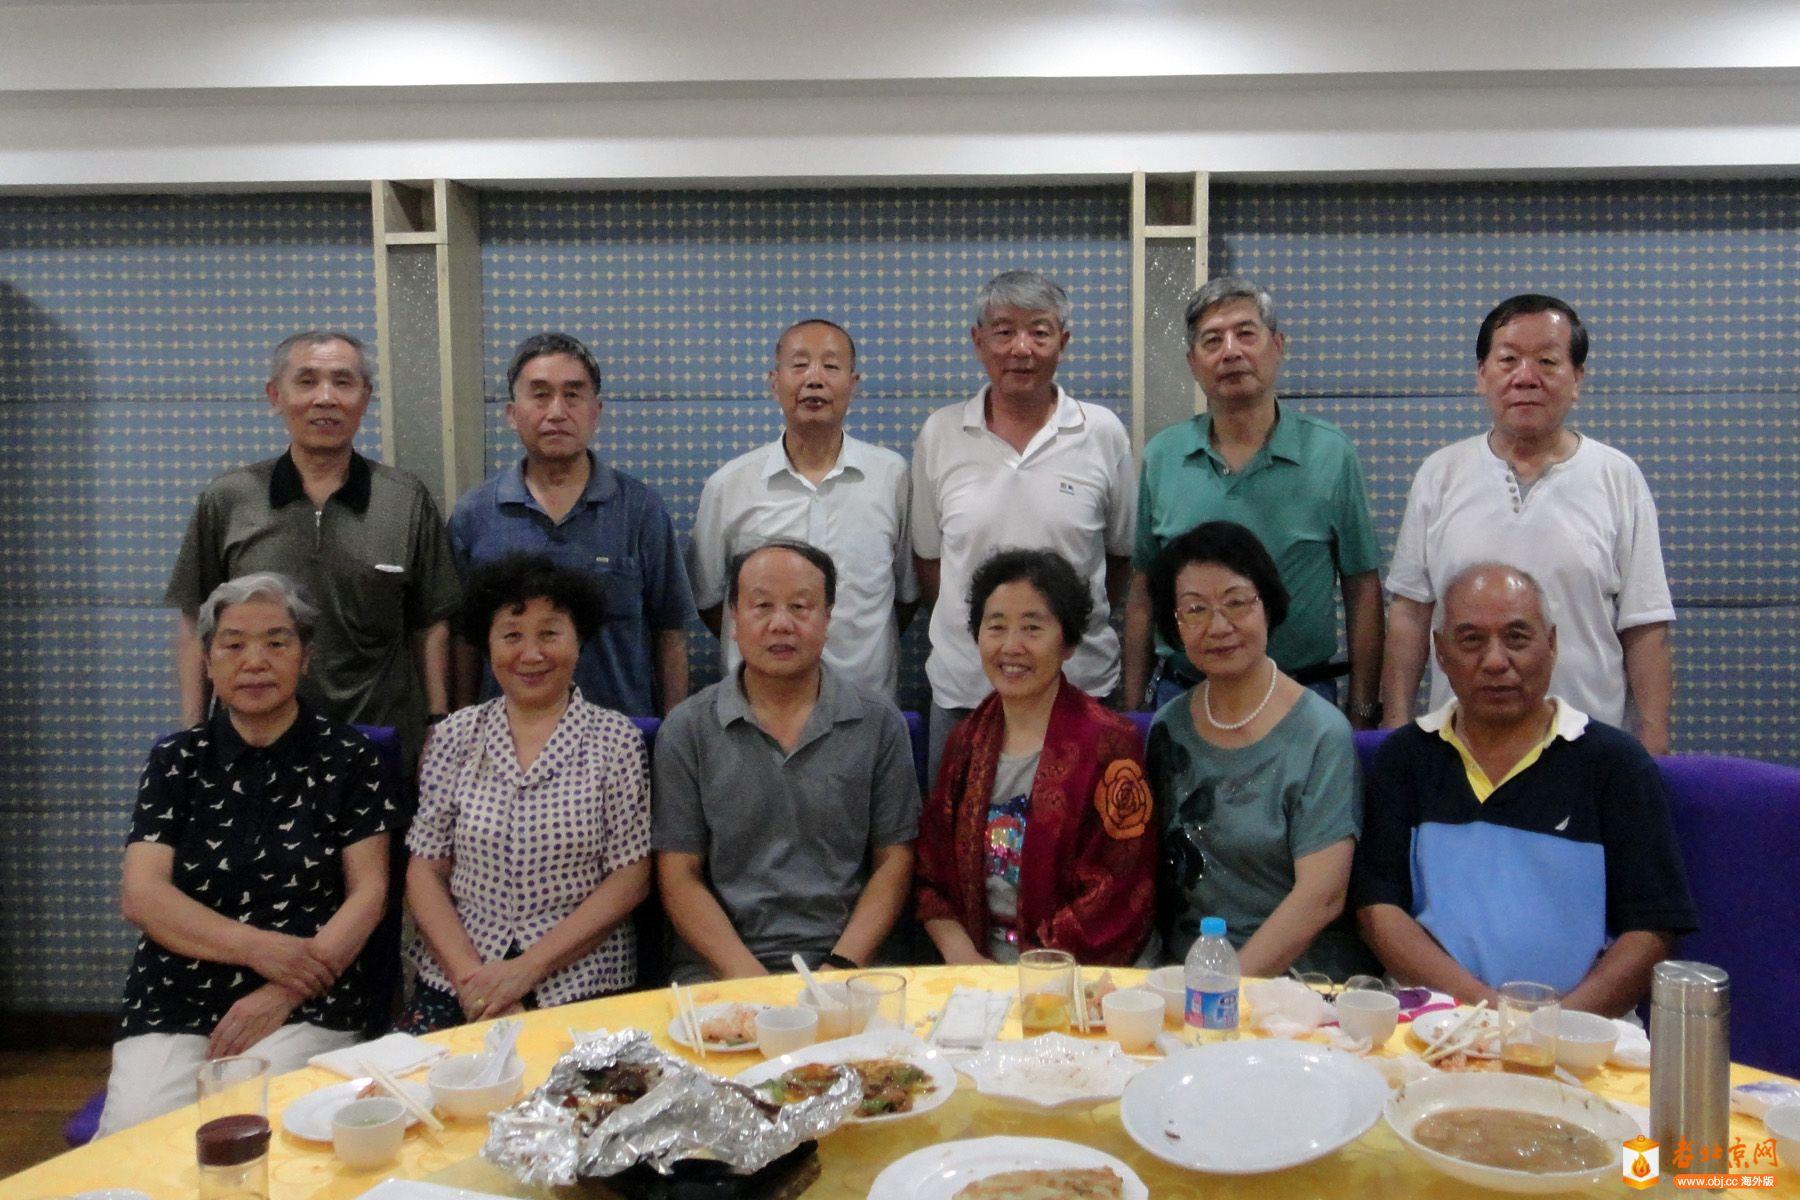 RE: 北京航空工业学校广播室